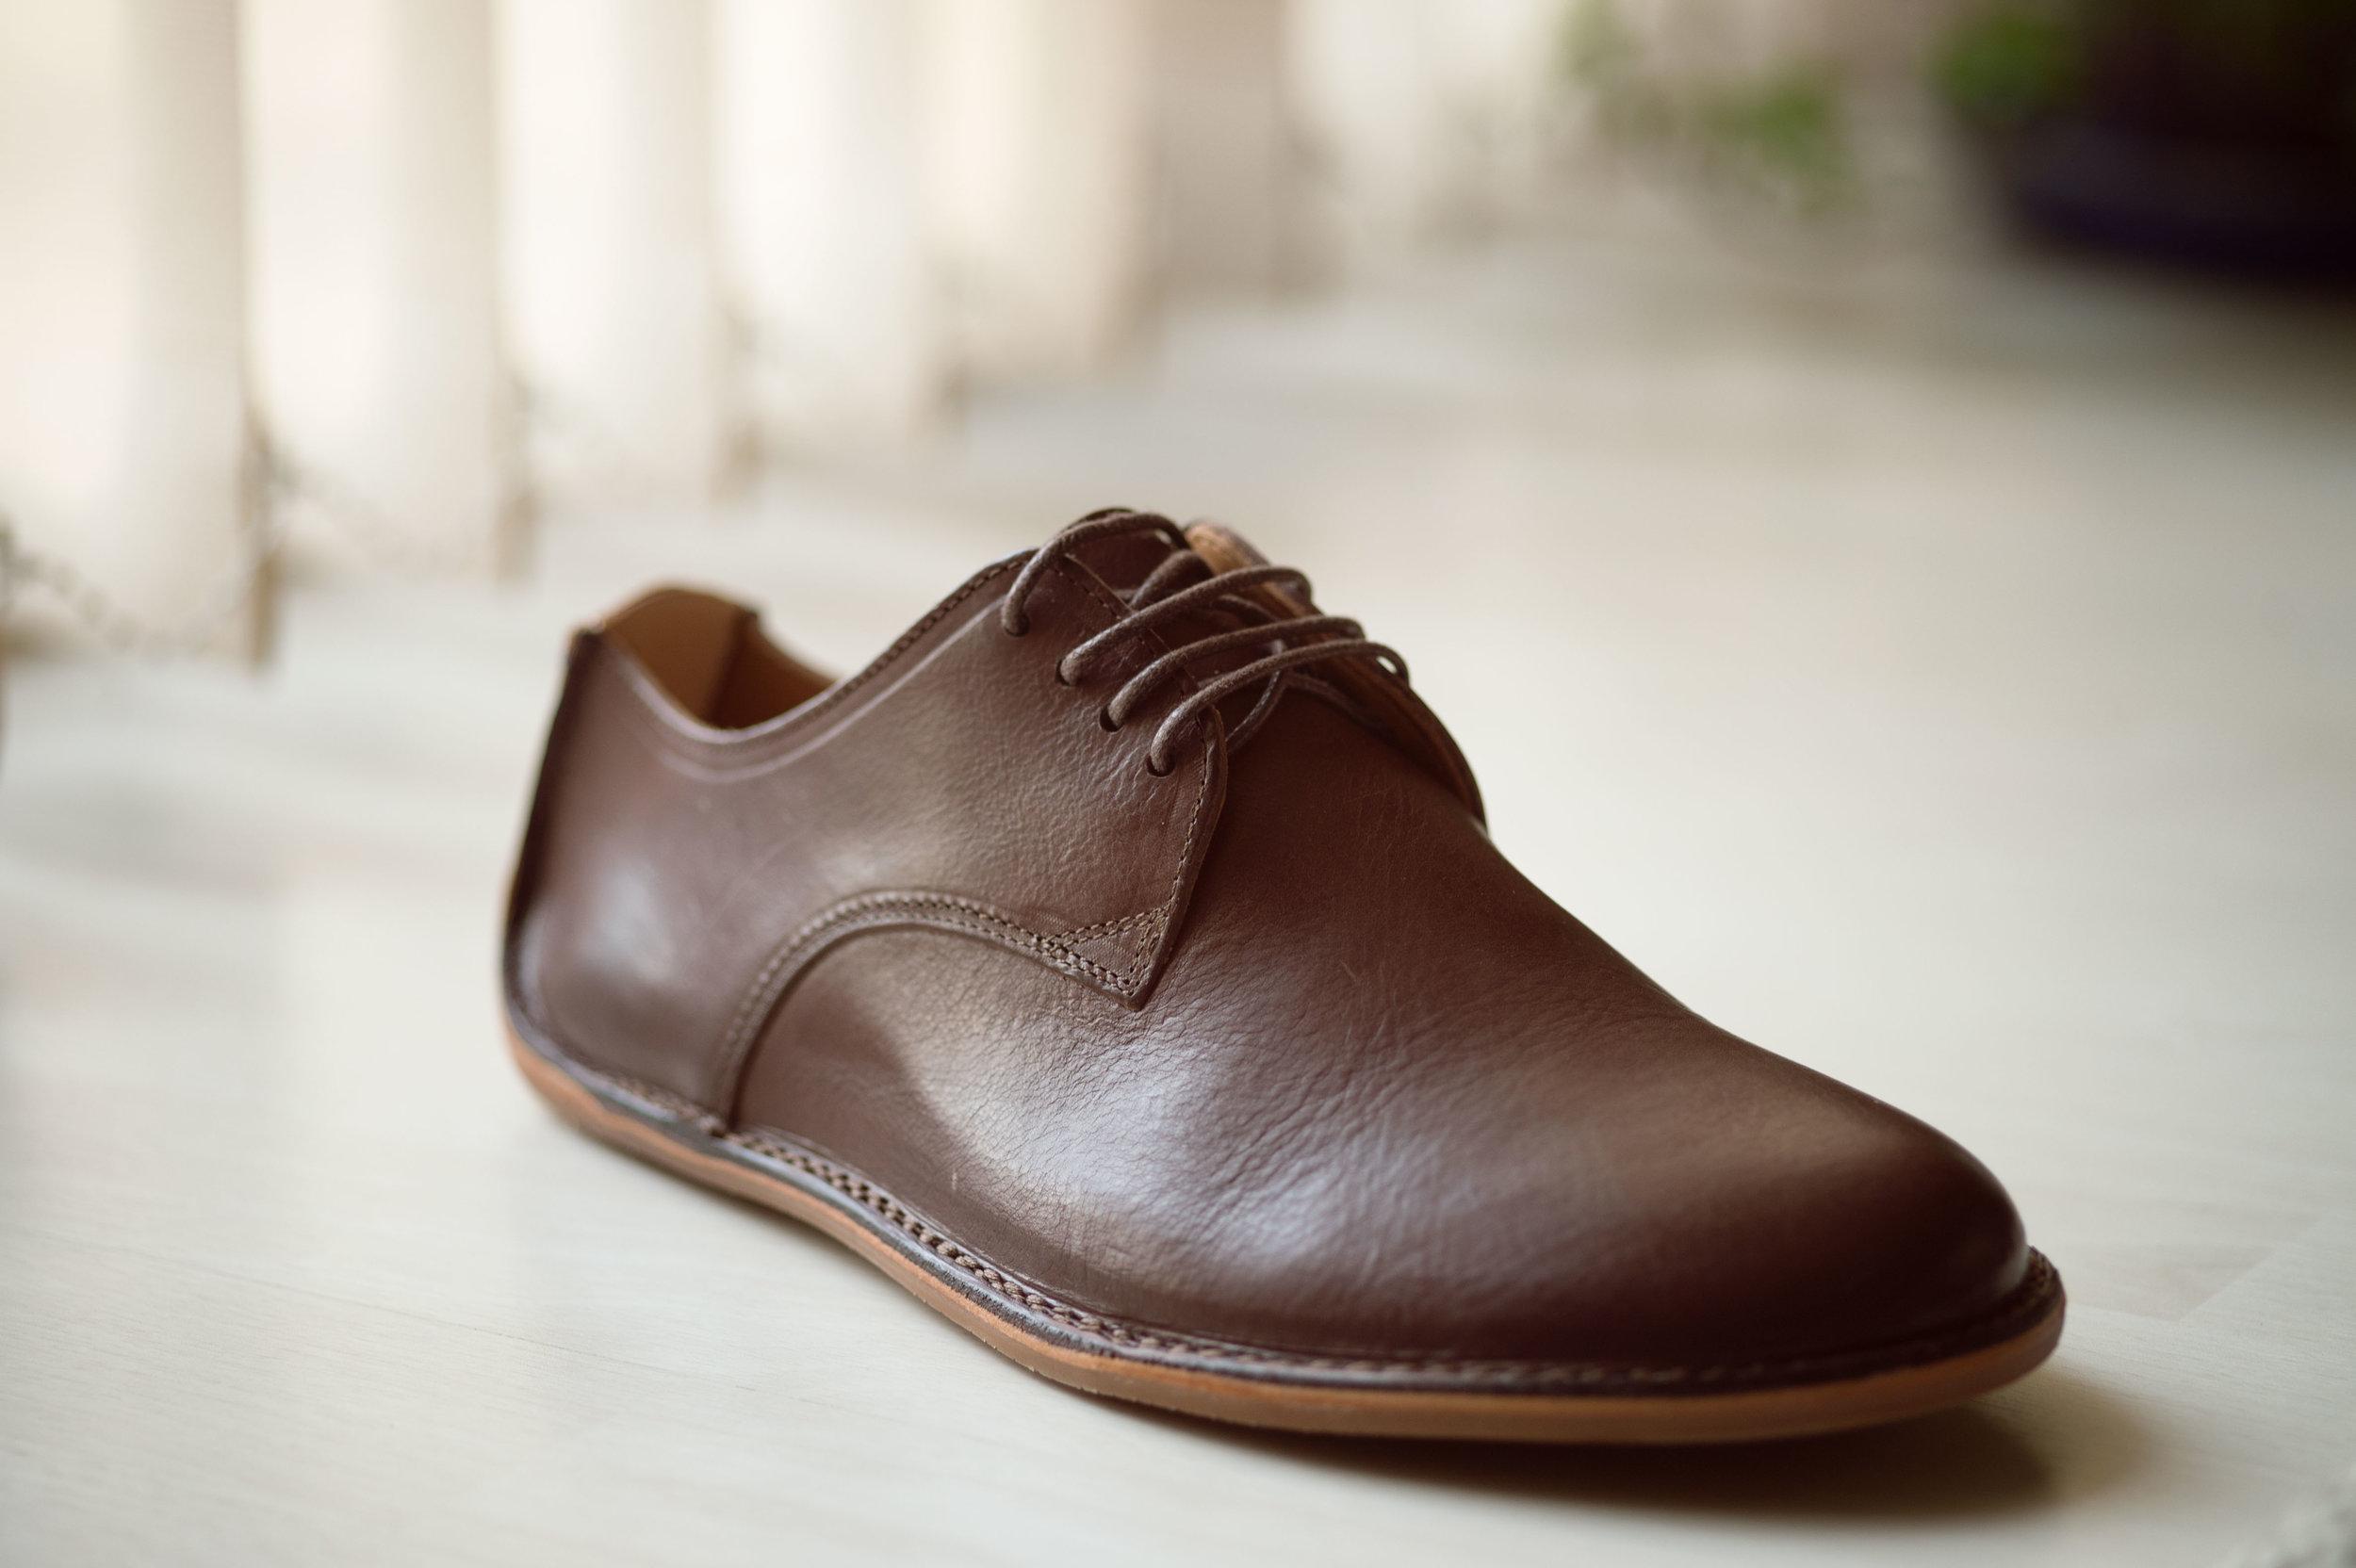 Barefoot_runner_office_shoes_thetrinerd_aniko_towers_photo-10.jpg